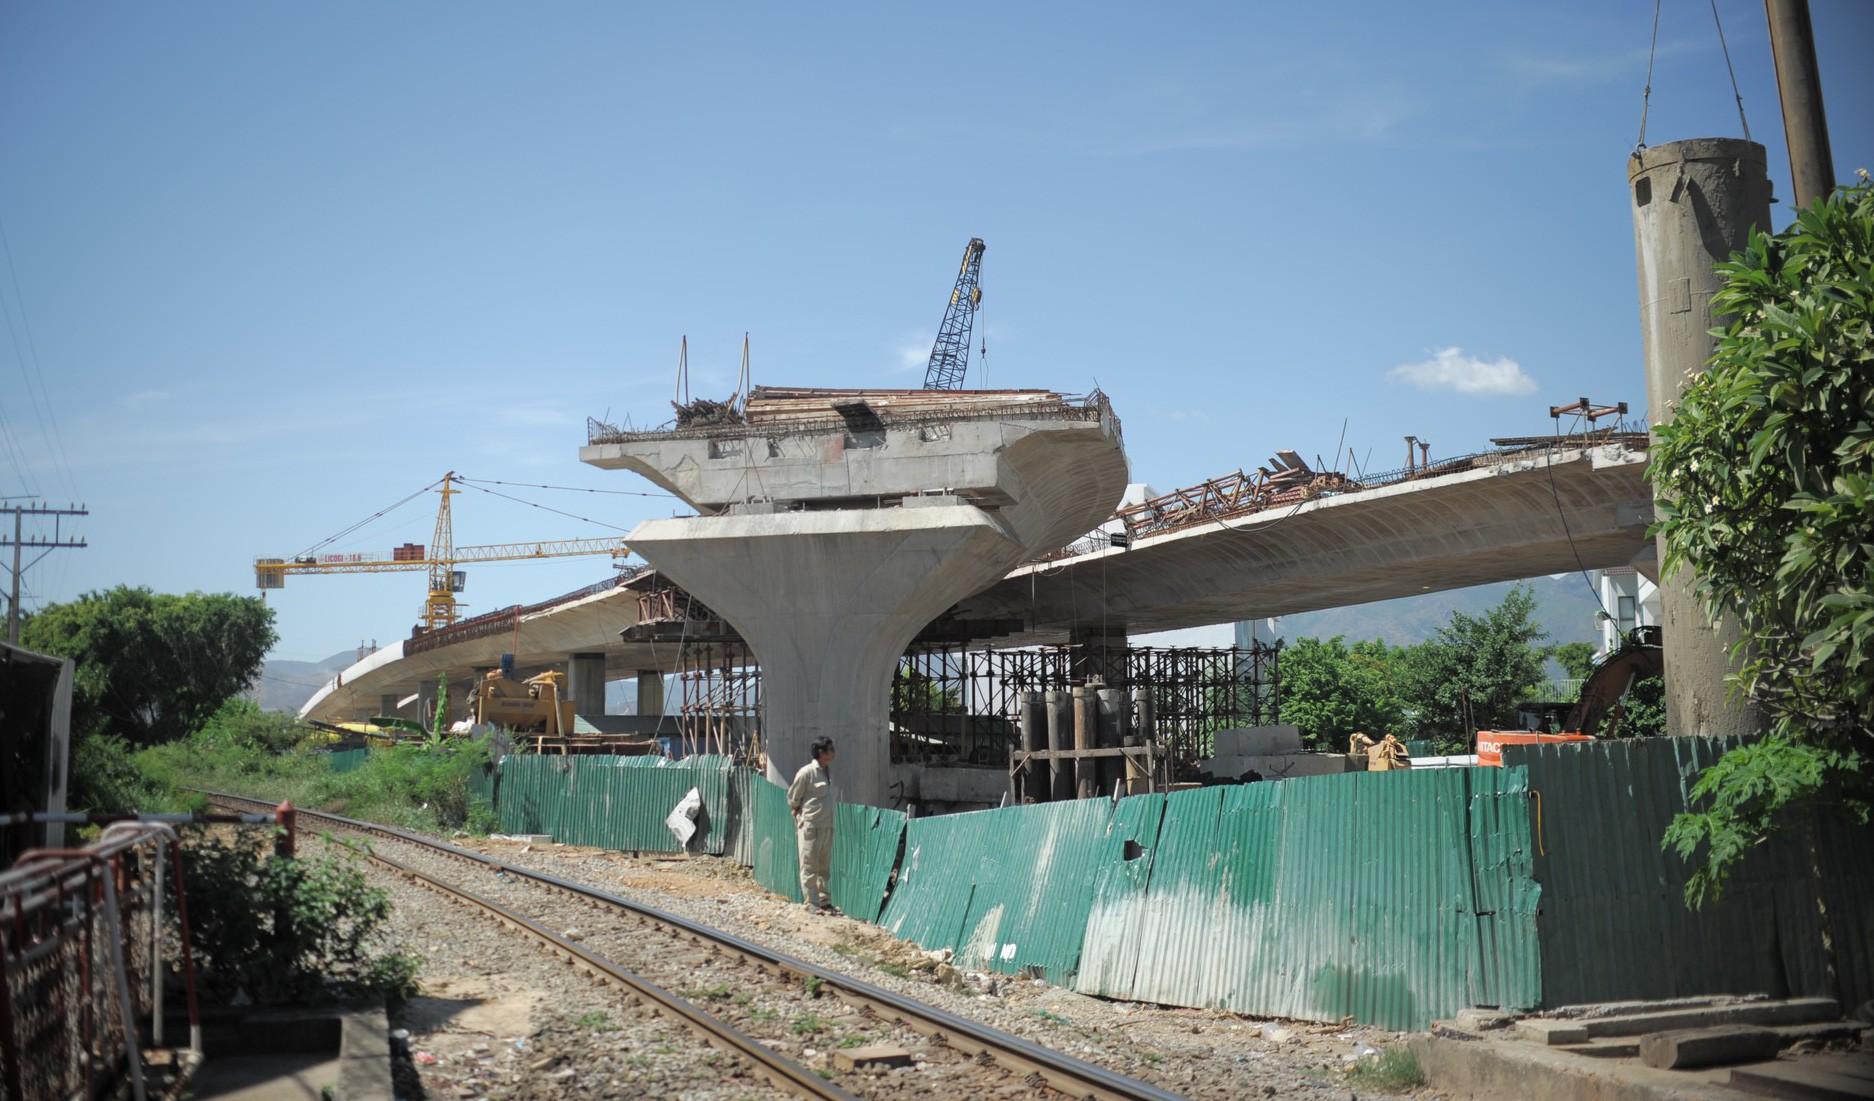 Phúc Sơn nói gì về tiến độ dự án Khu trung tâm đô thị Thương mại dịch vụ - Tài chính – Du lịch Nha Trang - Ảnh 2.